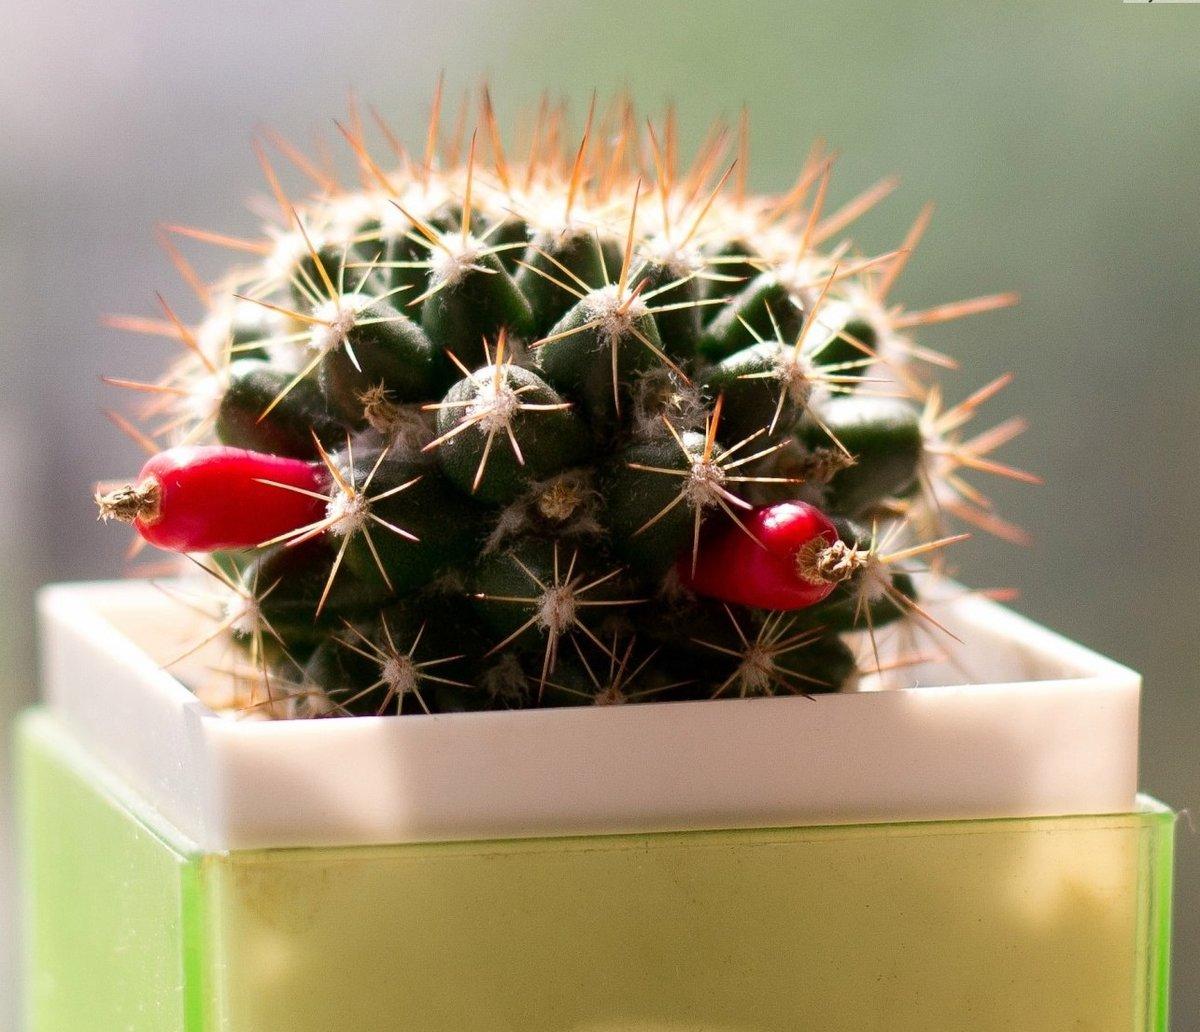 фотогалерея домашних кактусов они такие разные